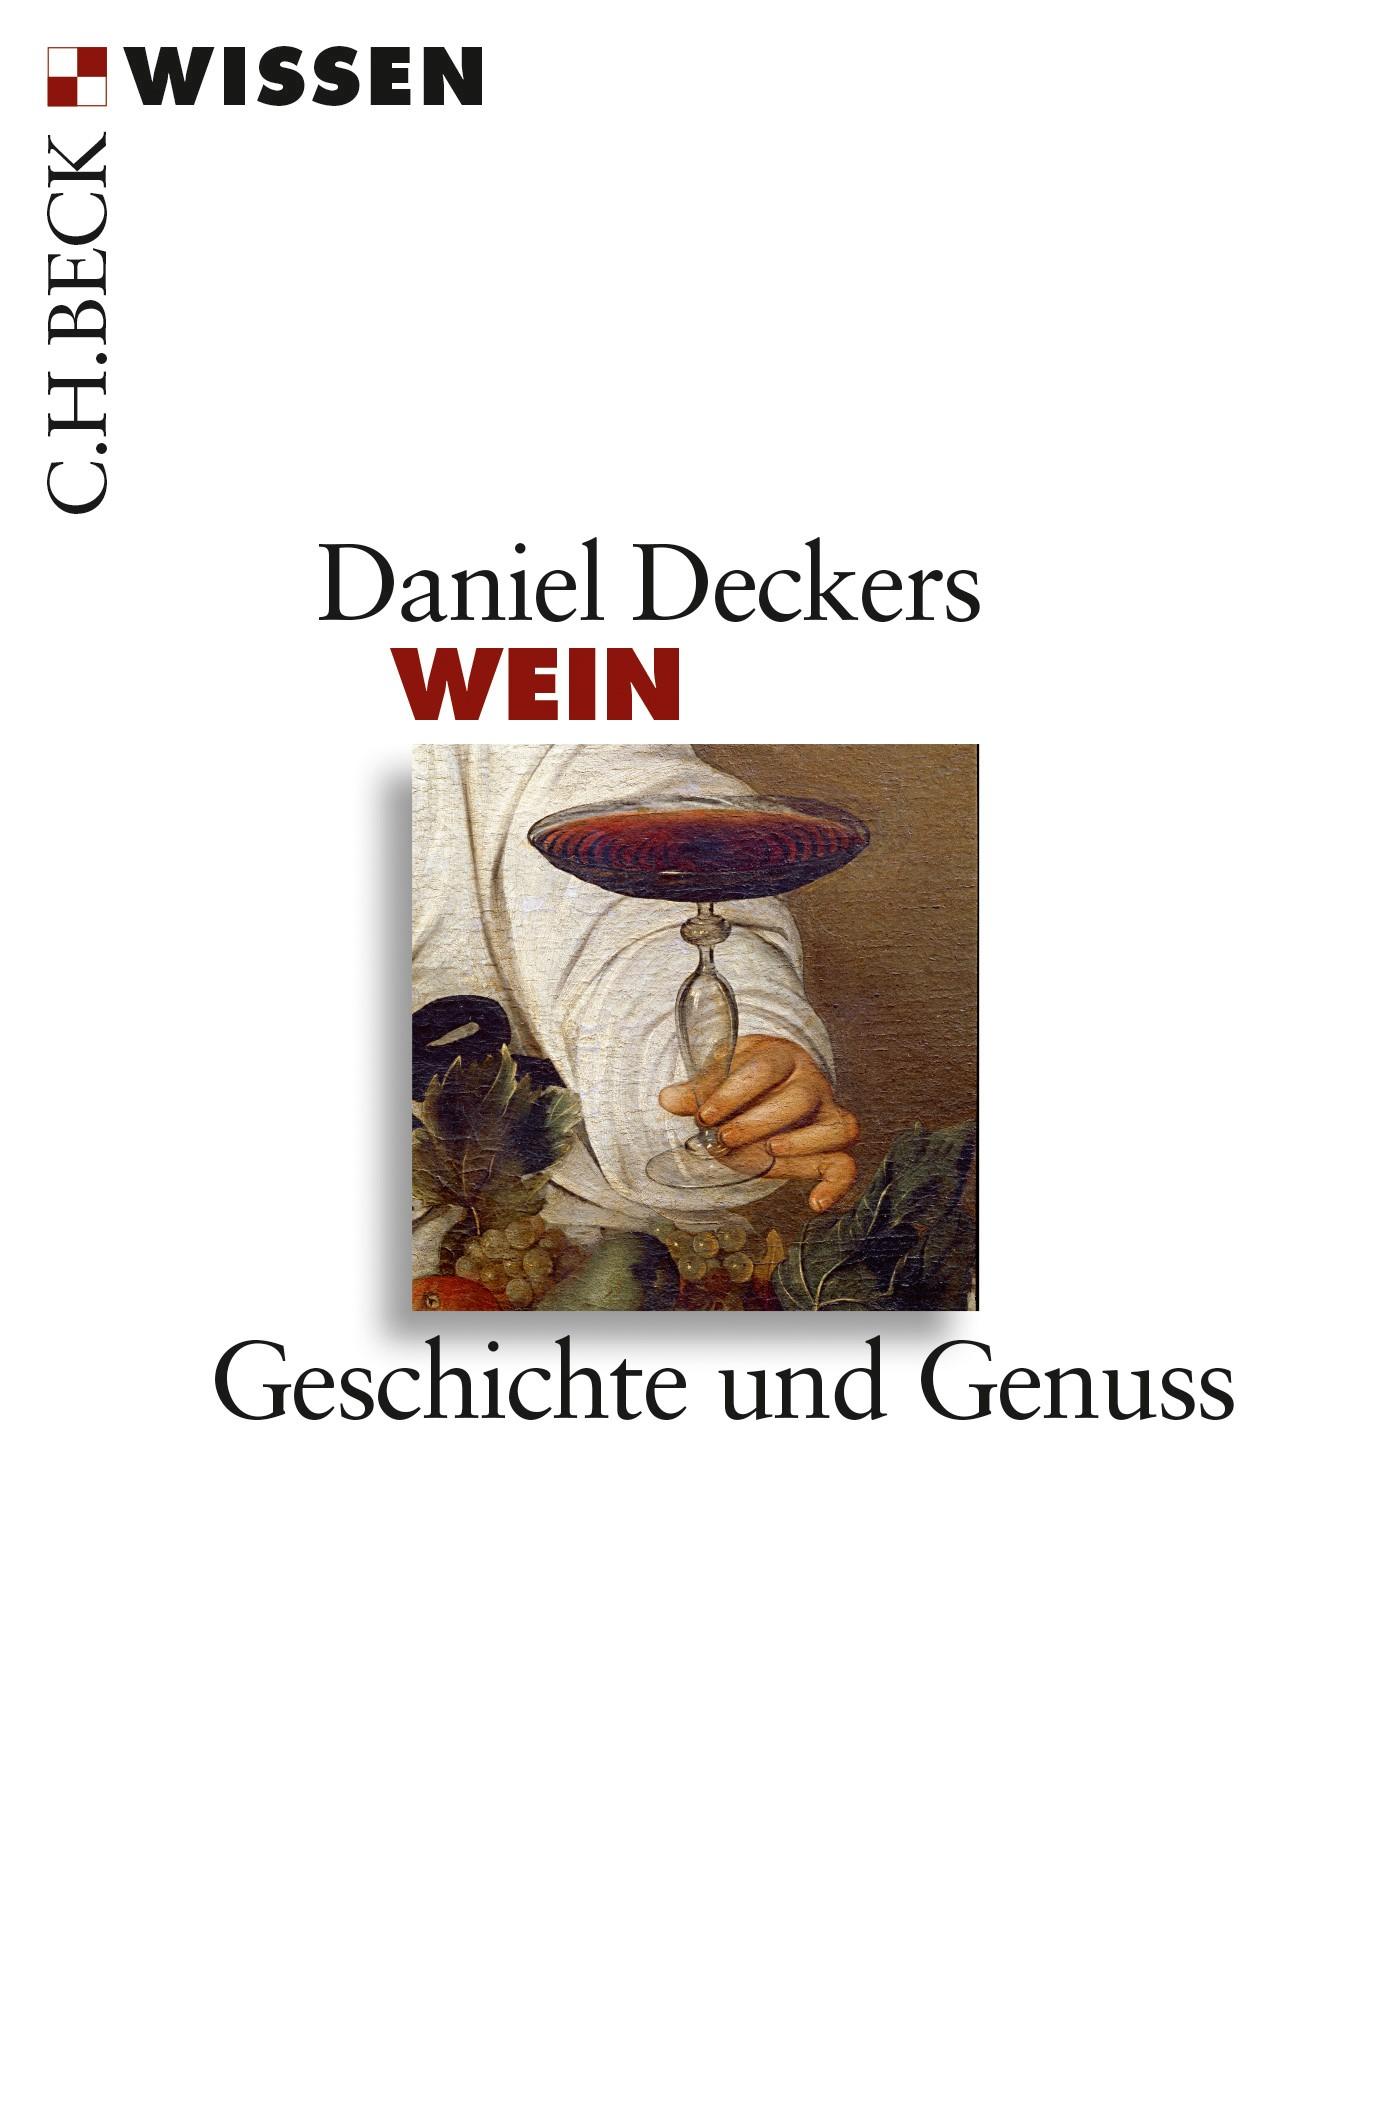 Cover des Buches 'Wein'